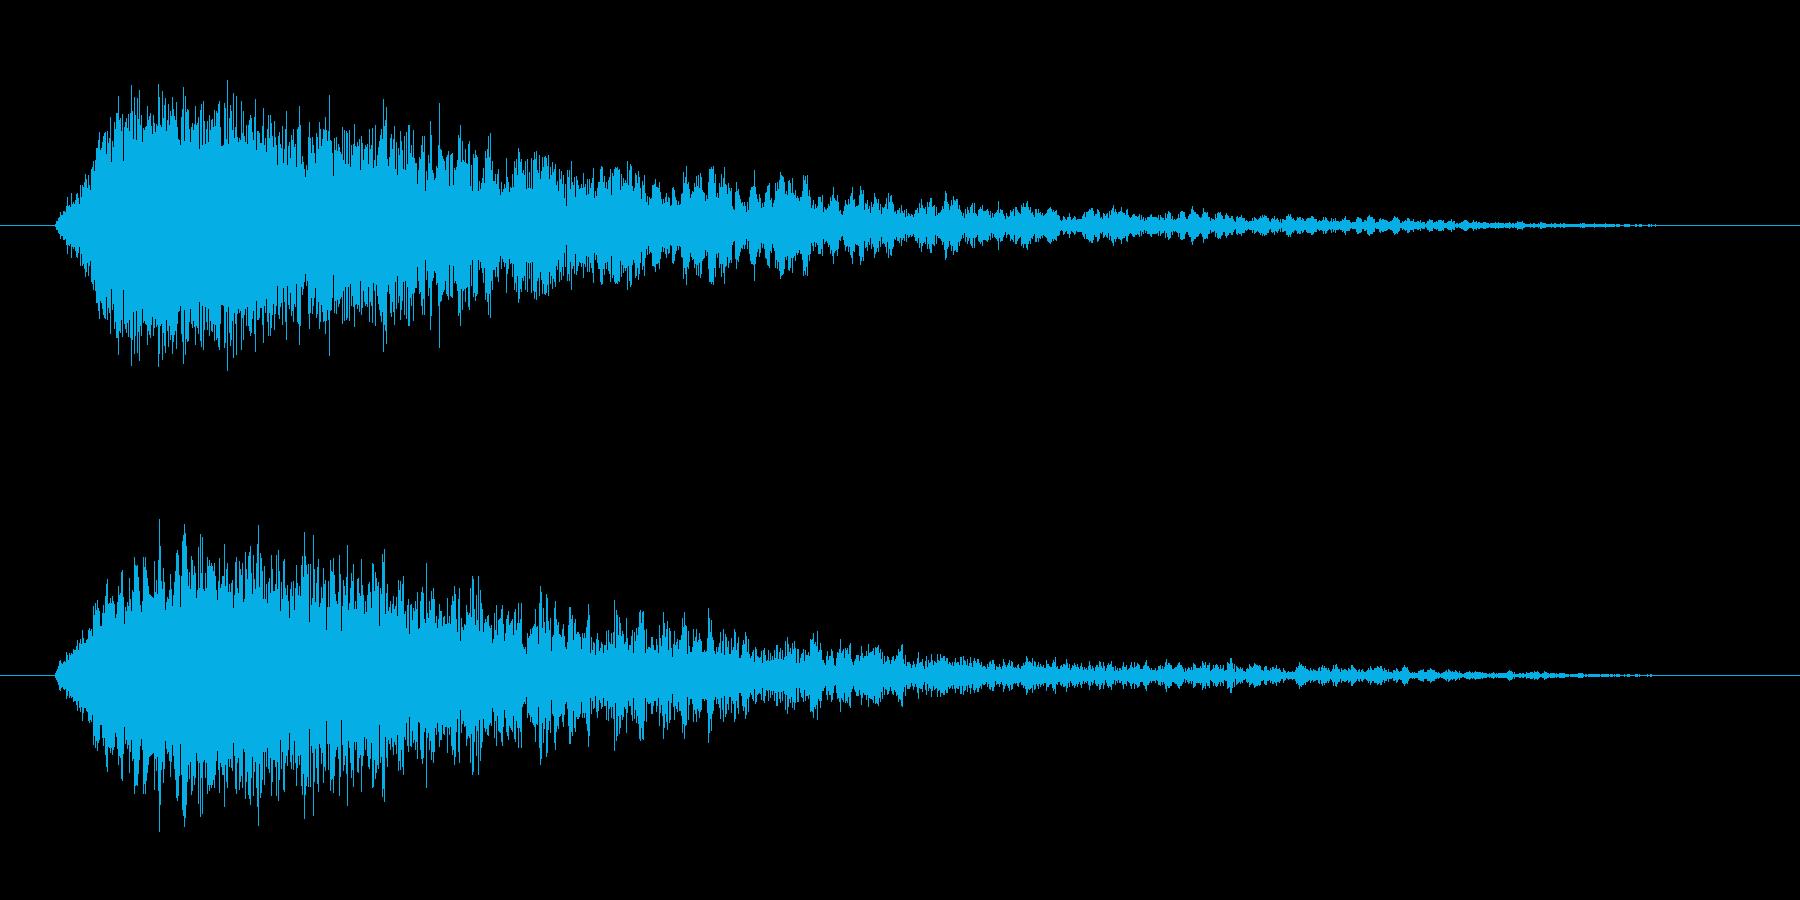 【効果音】怪談、心霊、オカルト用 02の再生済みの波形